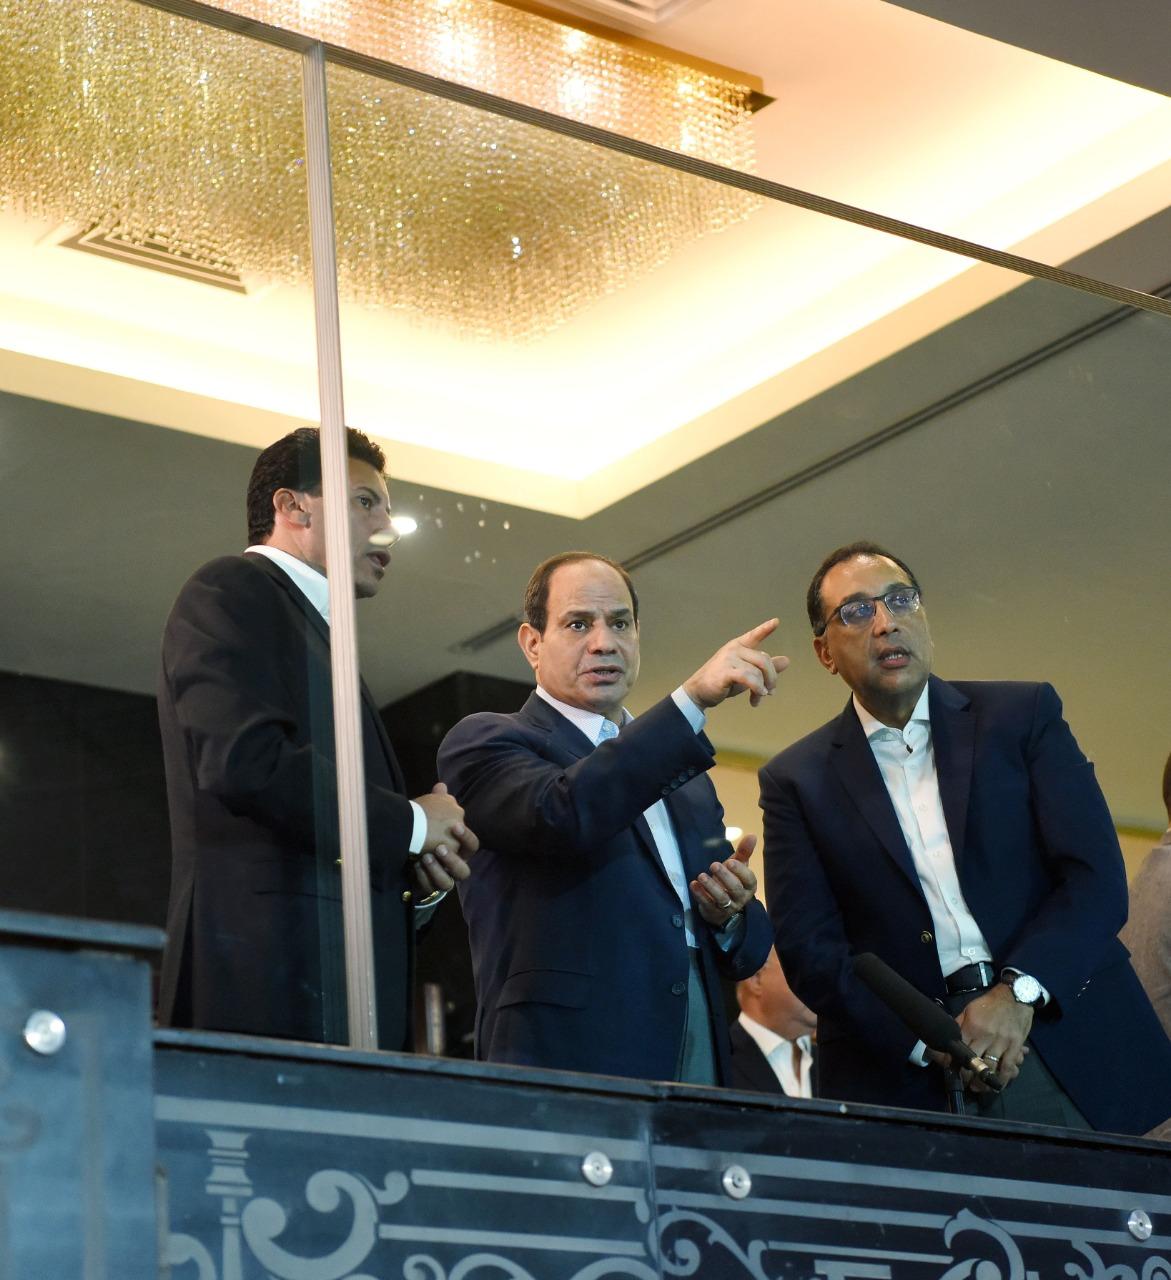 السيسي يتفقد إستاد القاهرة3